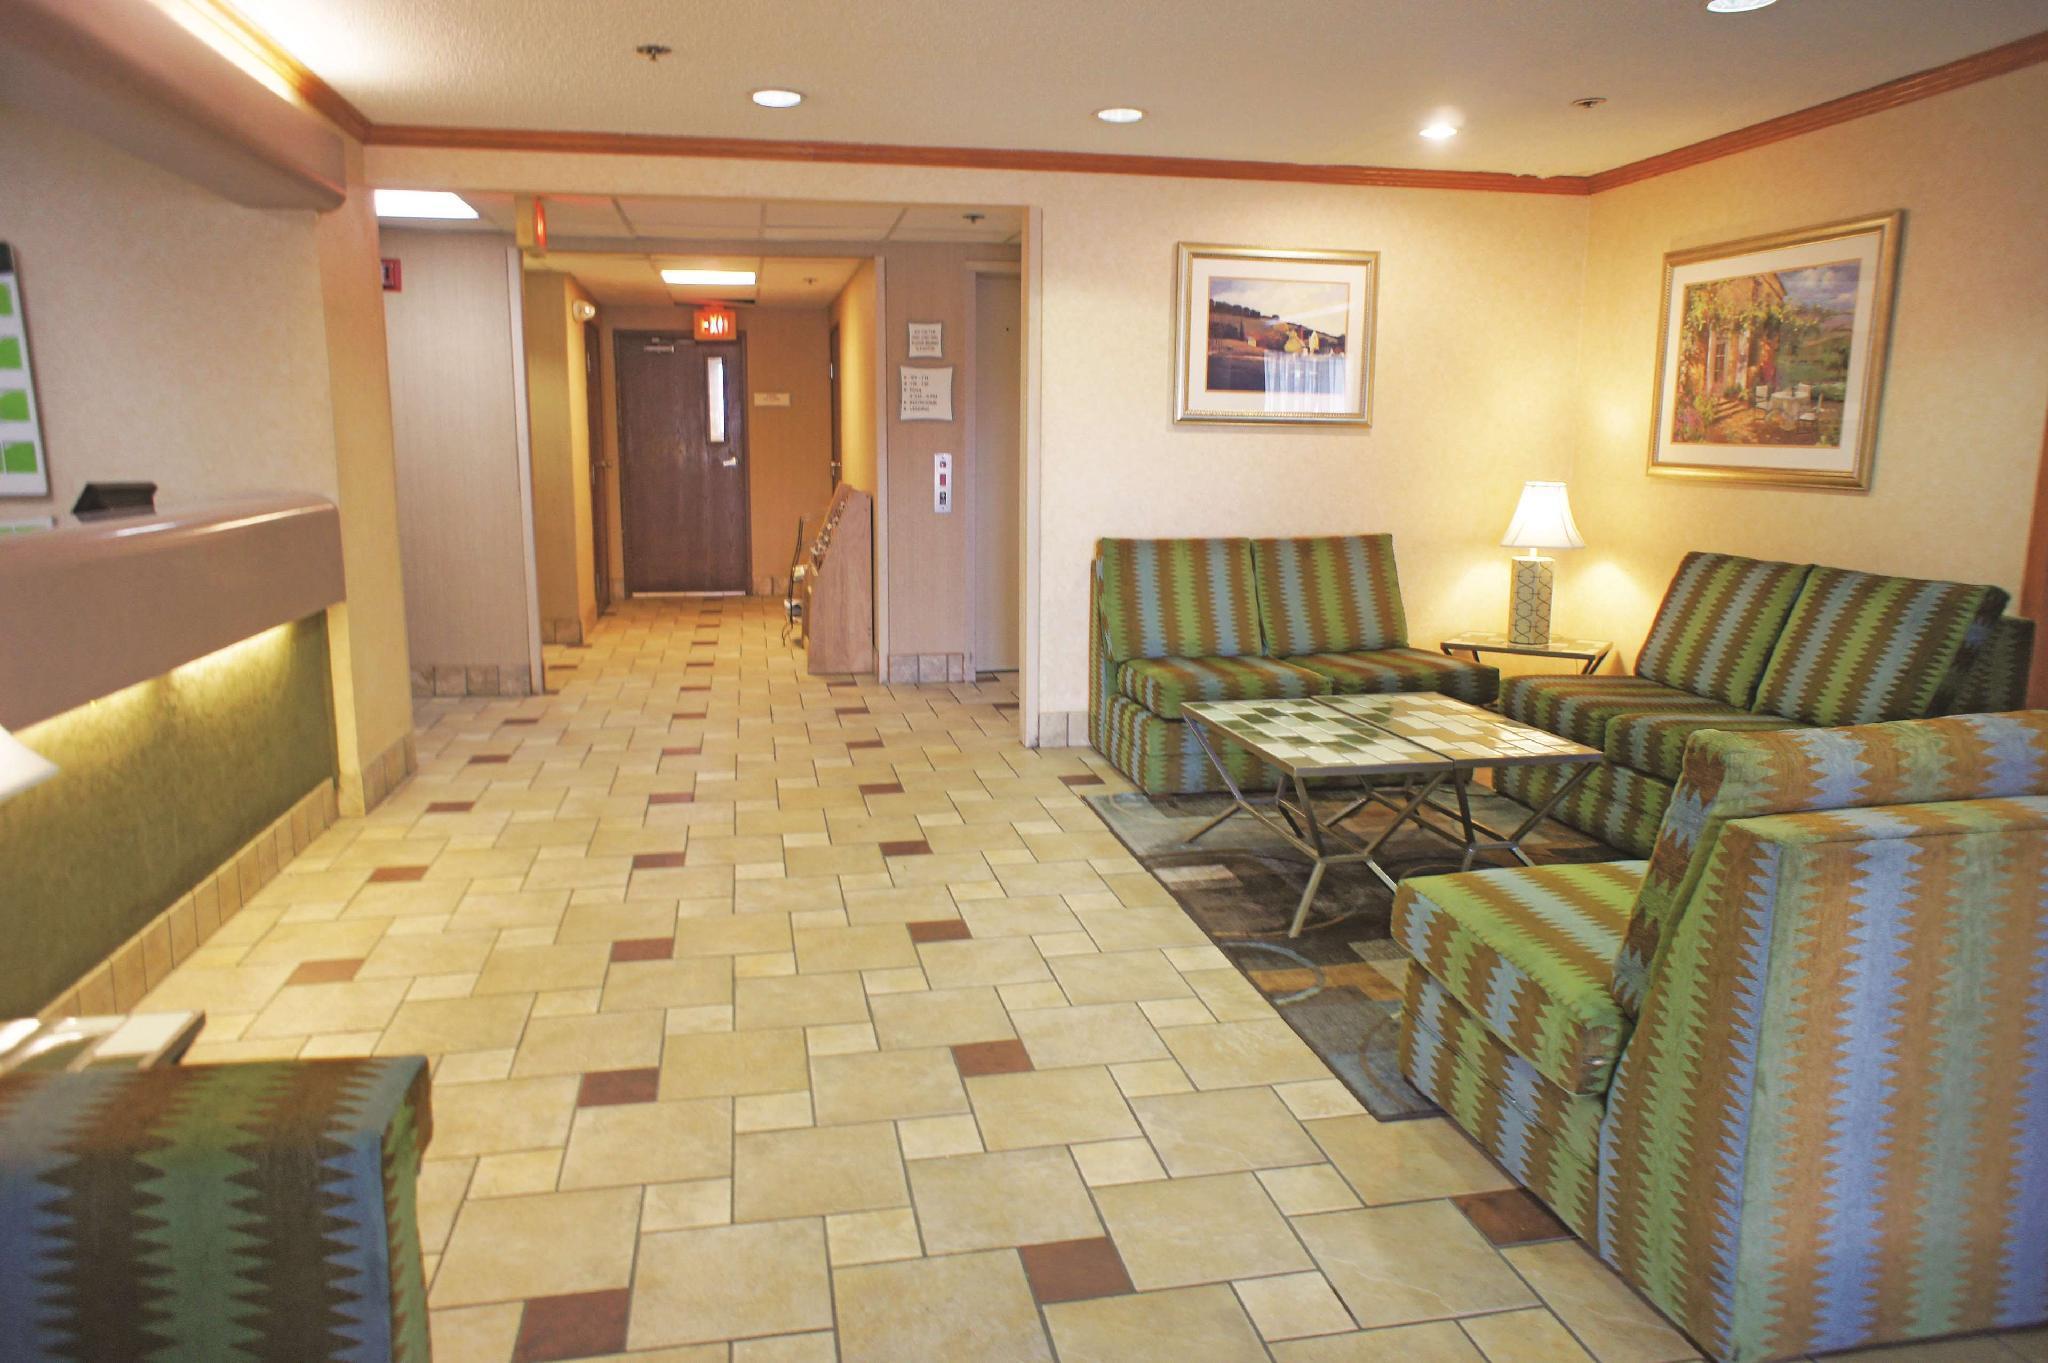 La Quinta Inn & Suites by Wyndham El Paso West Bartlett, El Paso